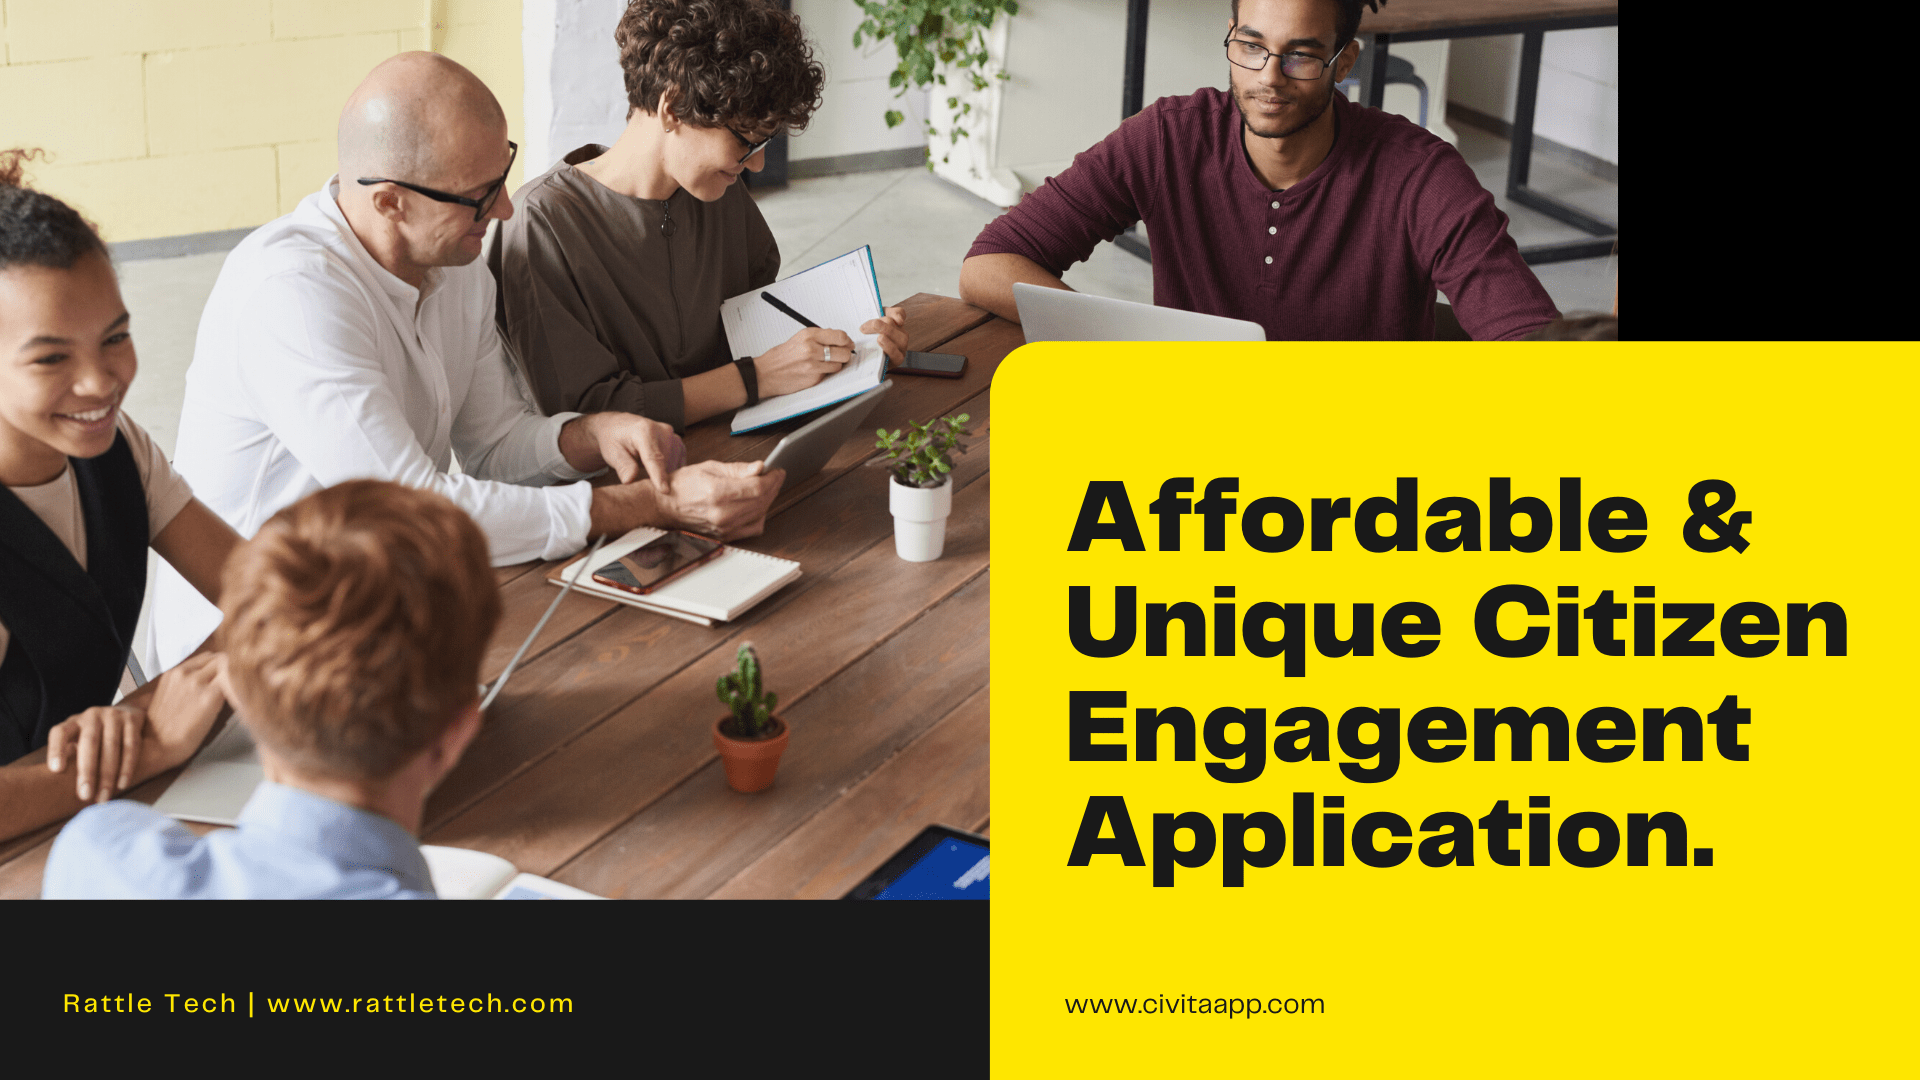 Affordable & Unique Citizen Engagement Application